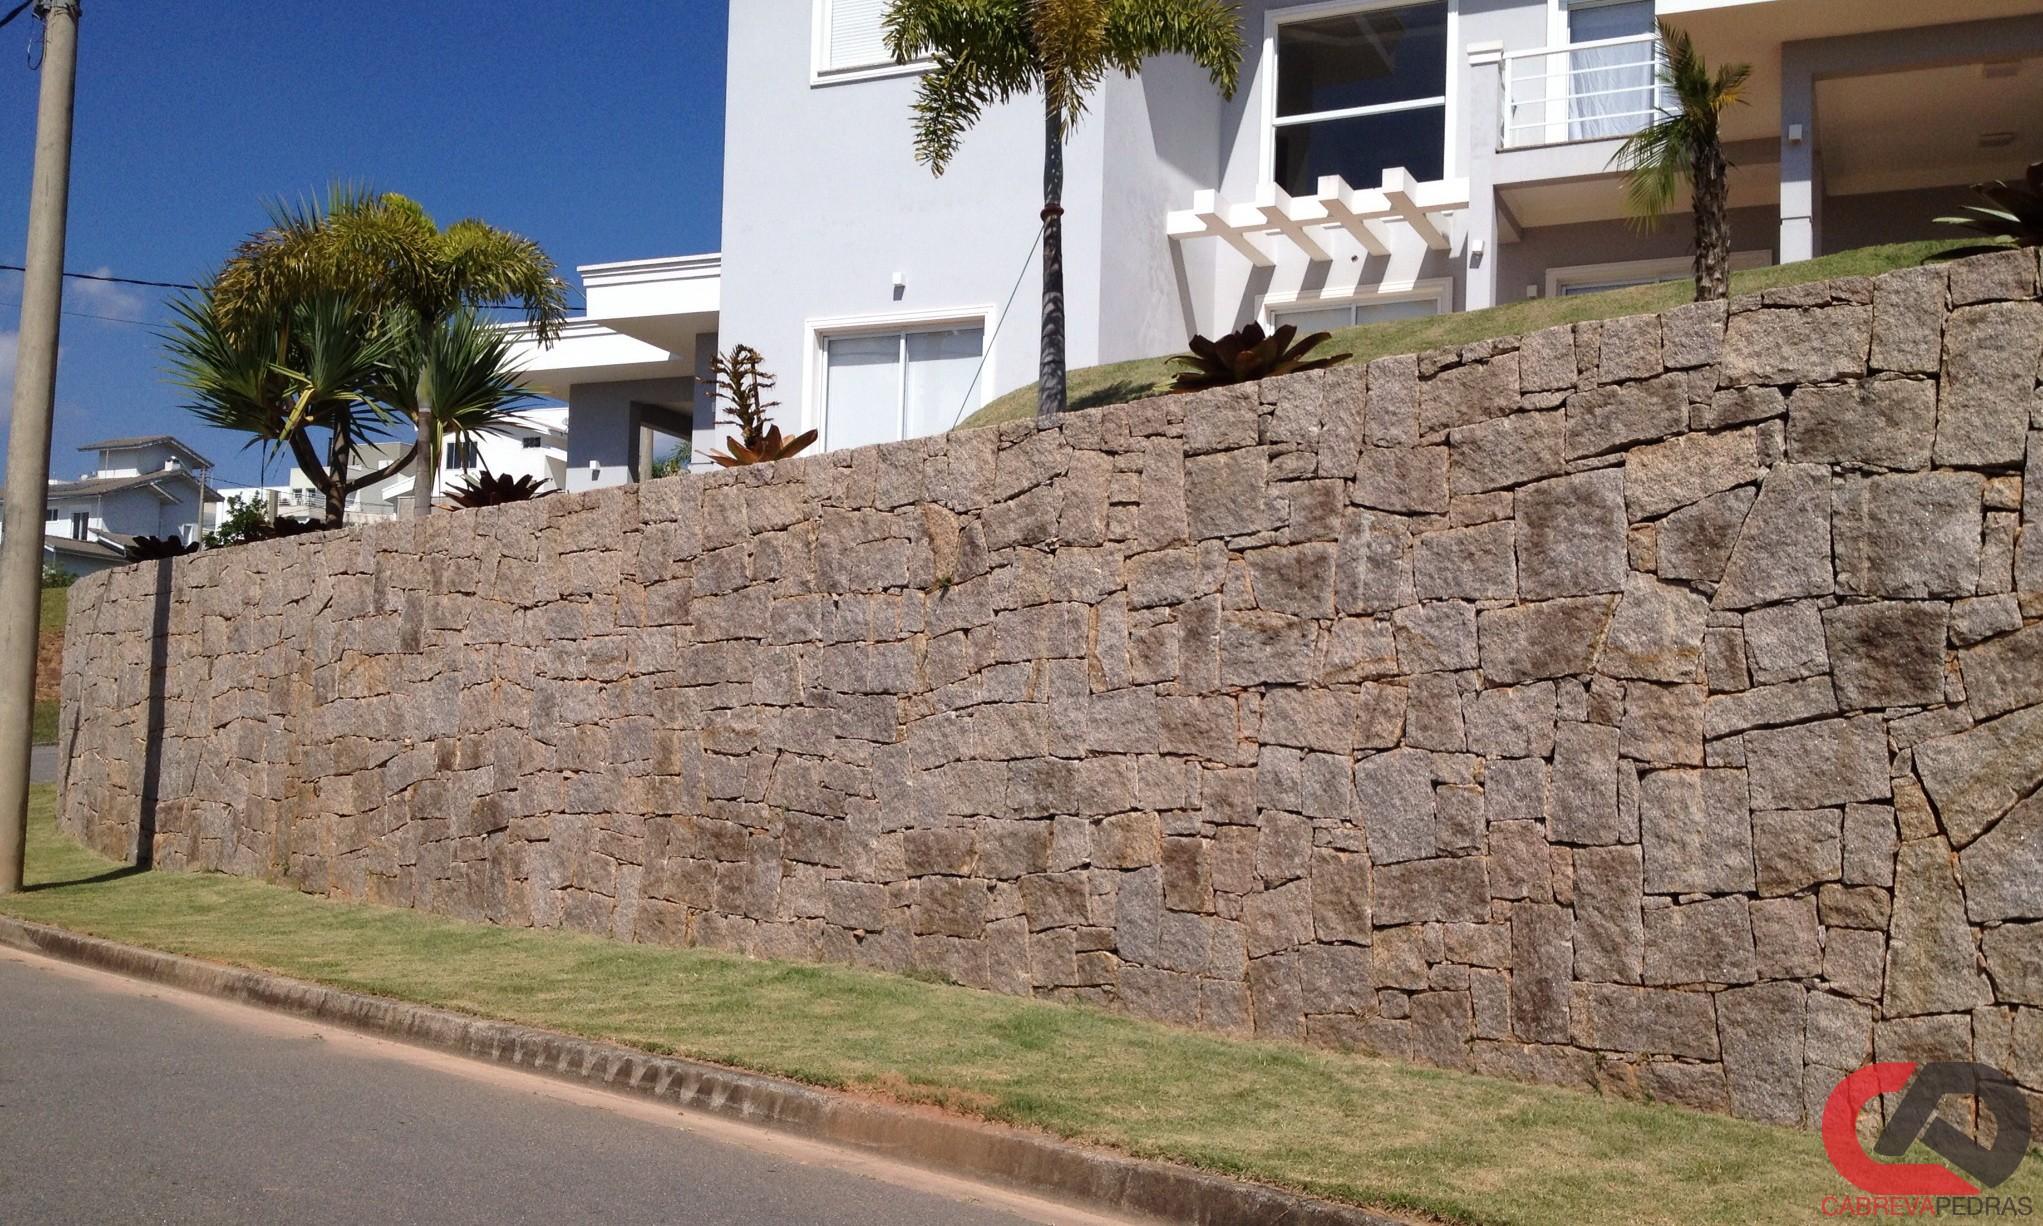 muro de pedra 02 - Muro de Pedra - Material e Mão de Obra Especializada